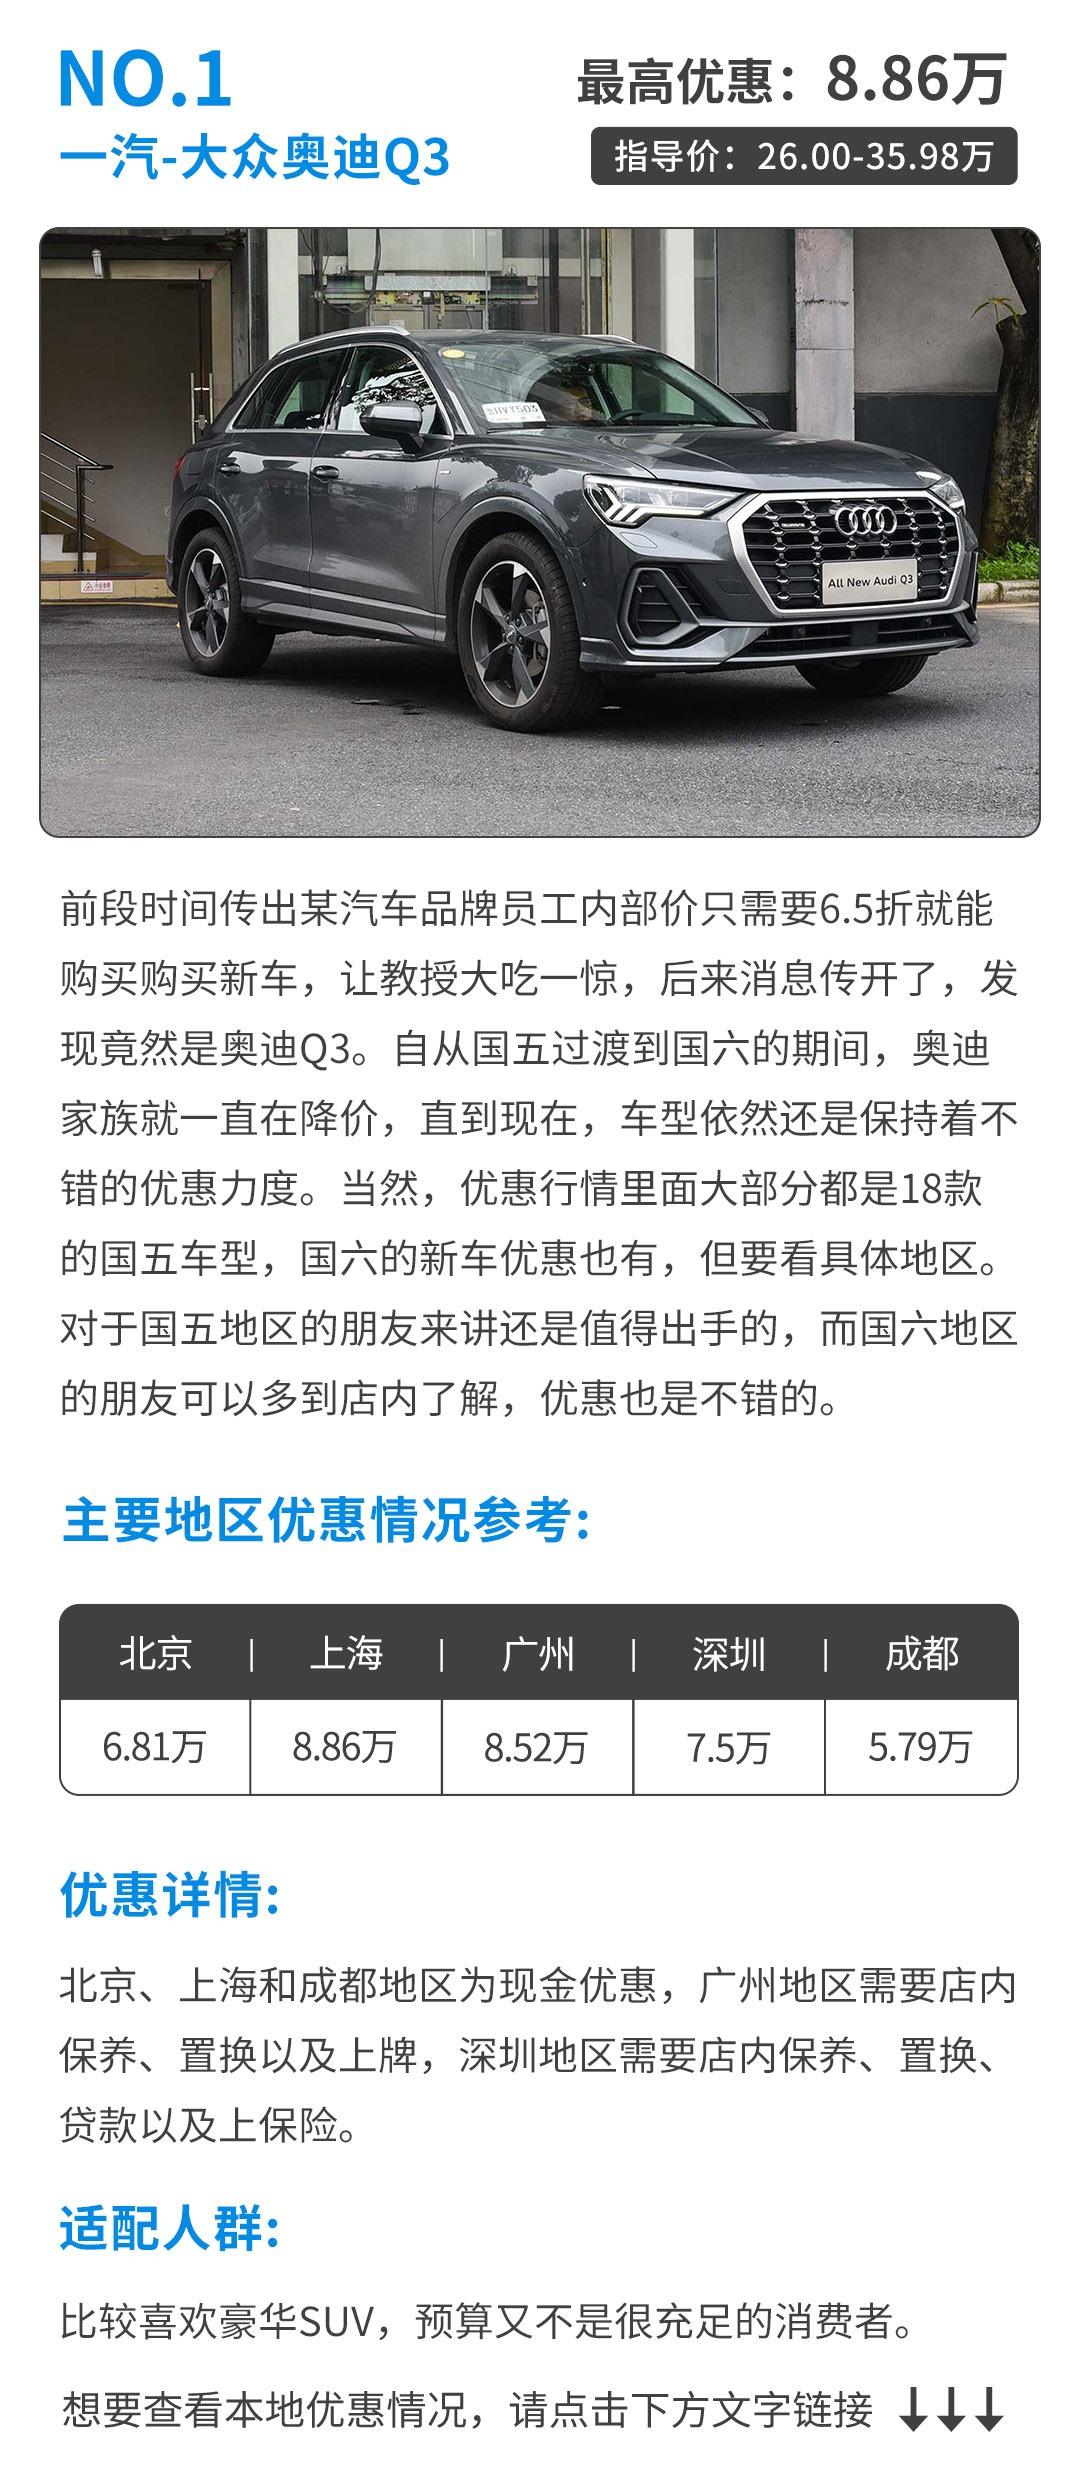 金九银十大降价!8万起这些SUV都是同级优惠王,超值